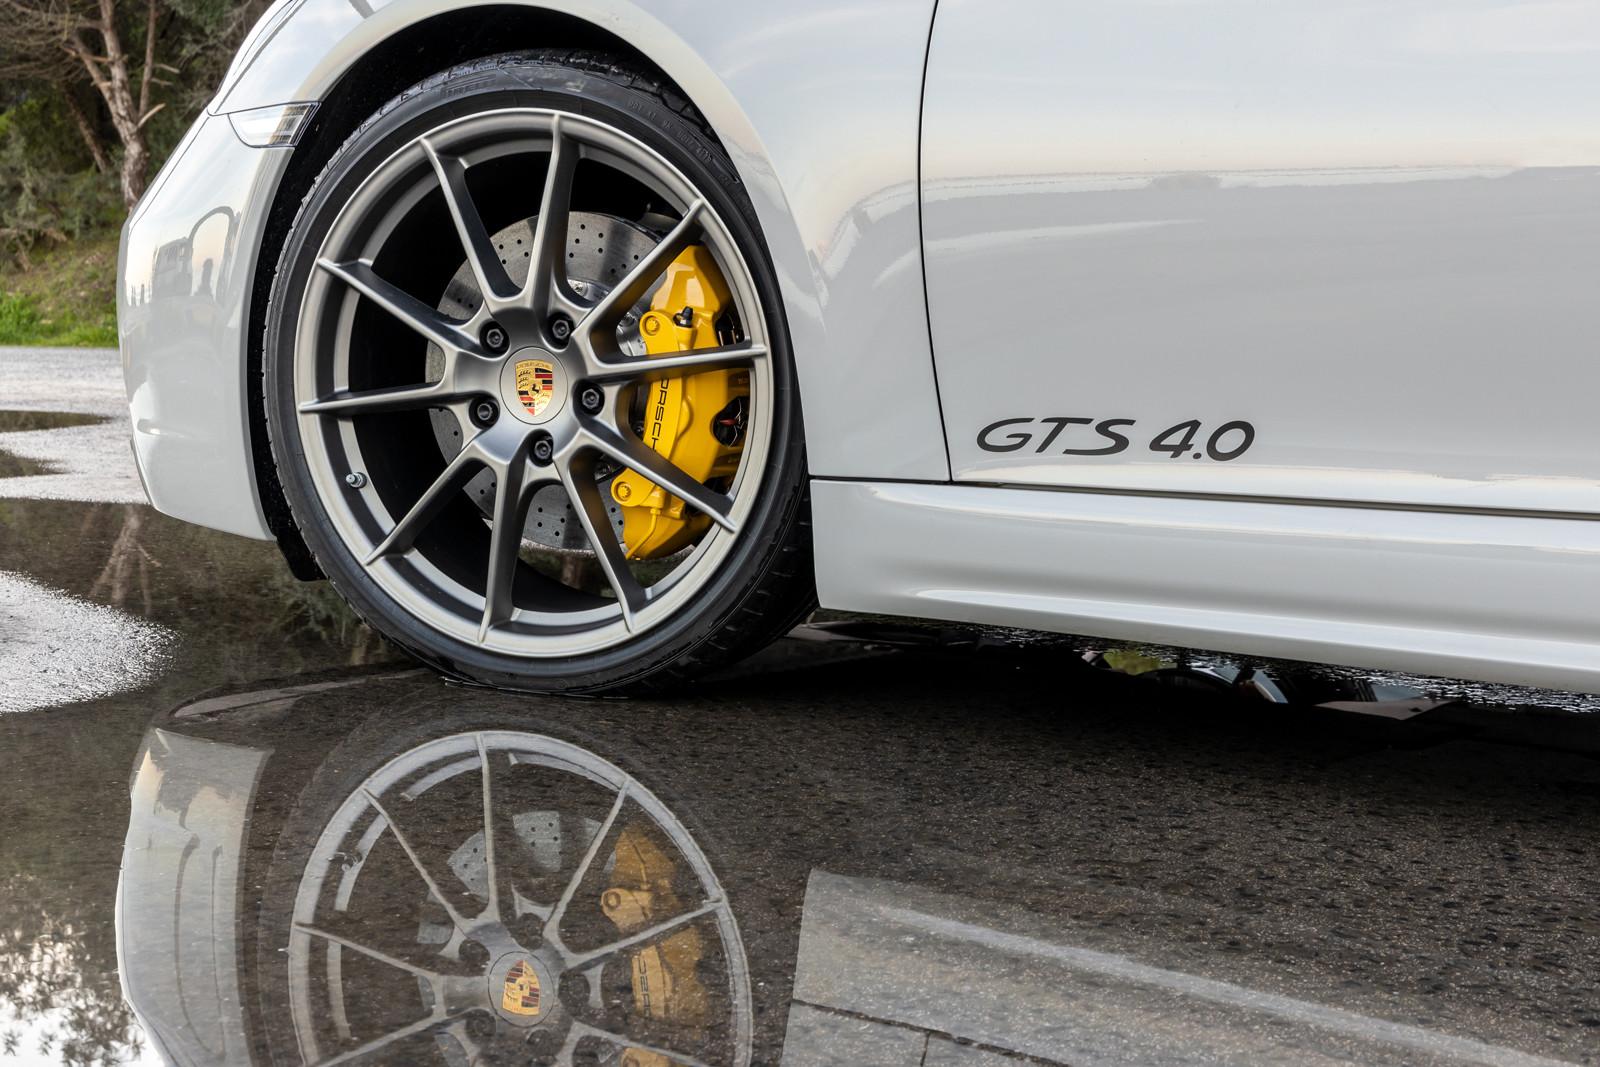 Foto de Porsche 718 Boxster GTS 4.0 (presentación) (88/88)